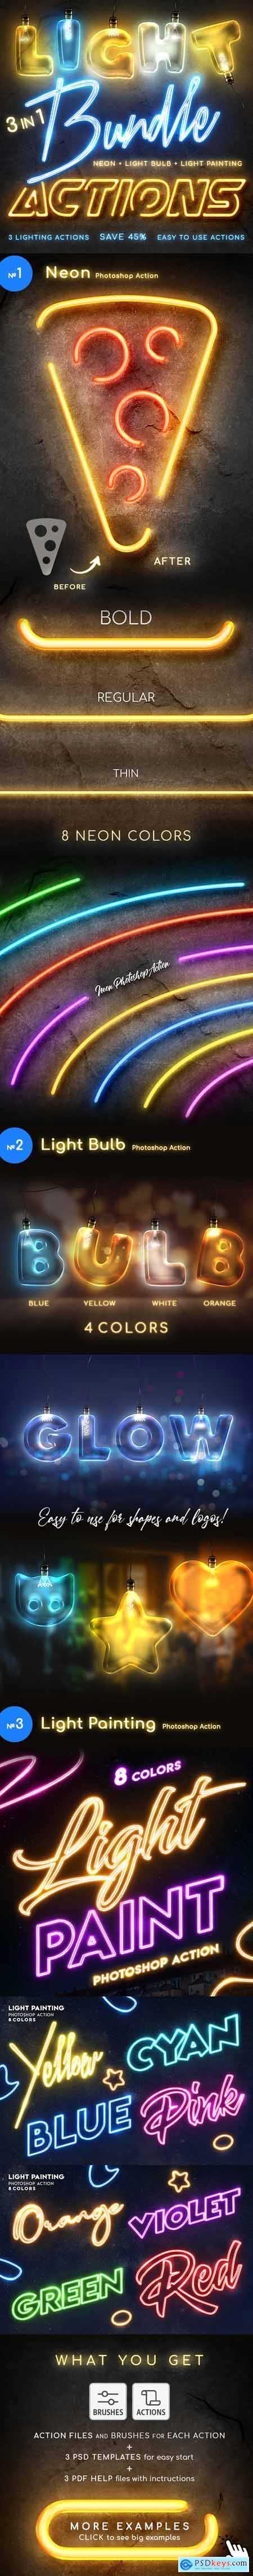 Lighting Photoshop Actions Bundle 25882789